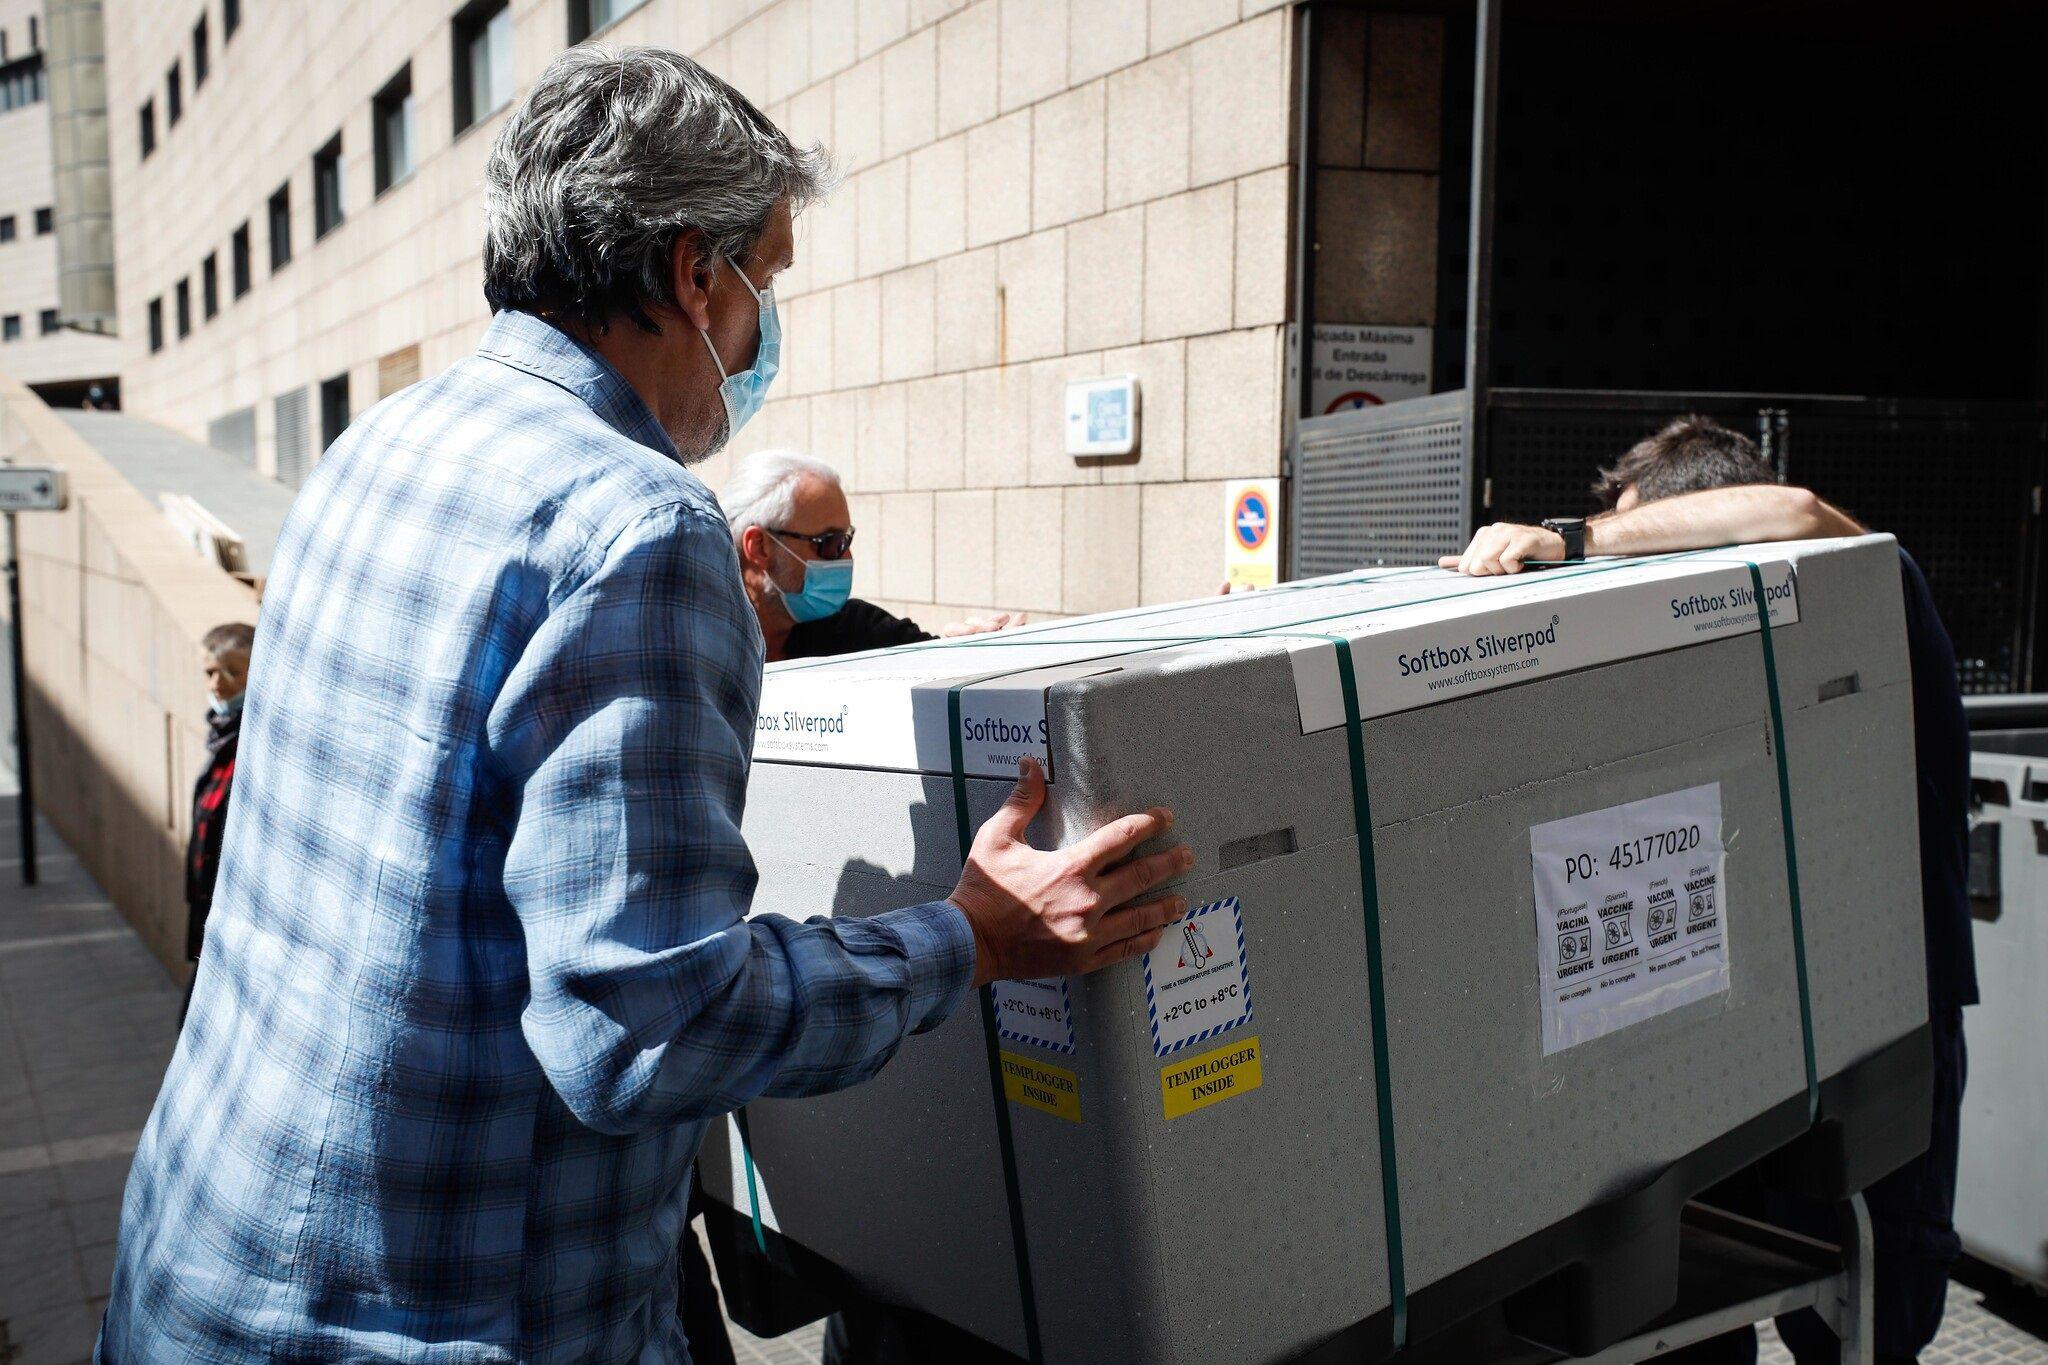 Operarios trasladando un cargamento de vacunas.